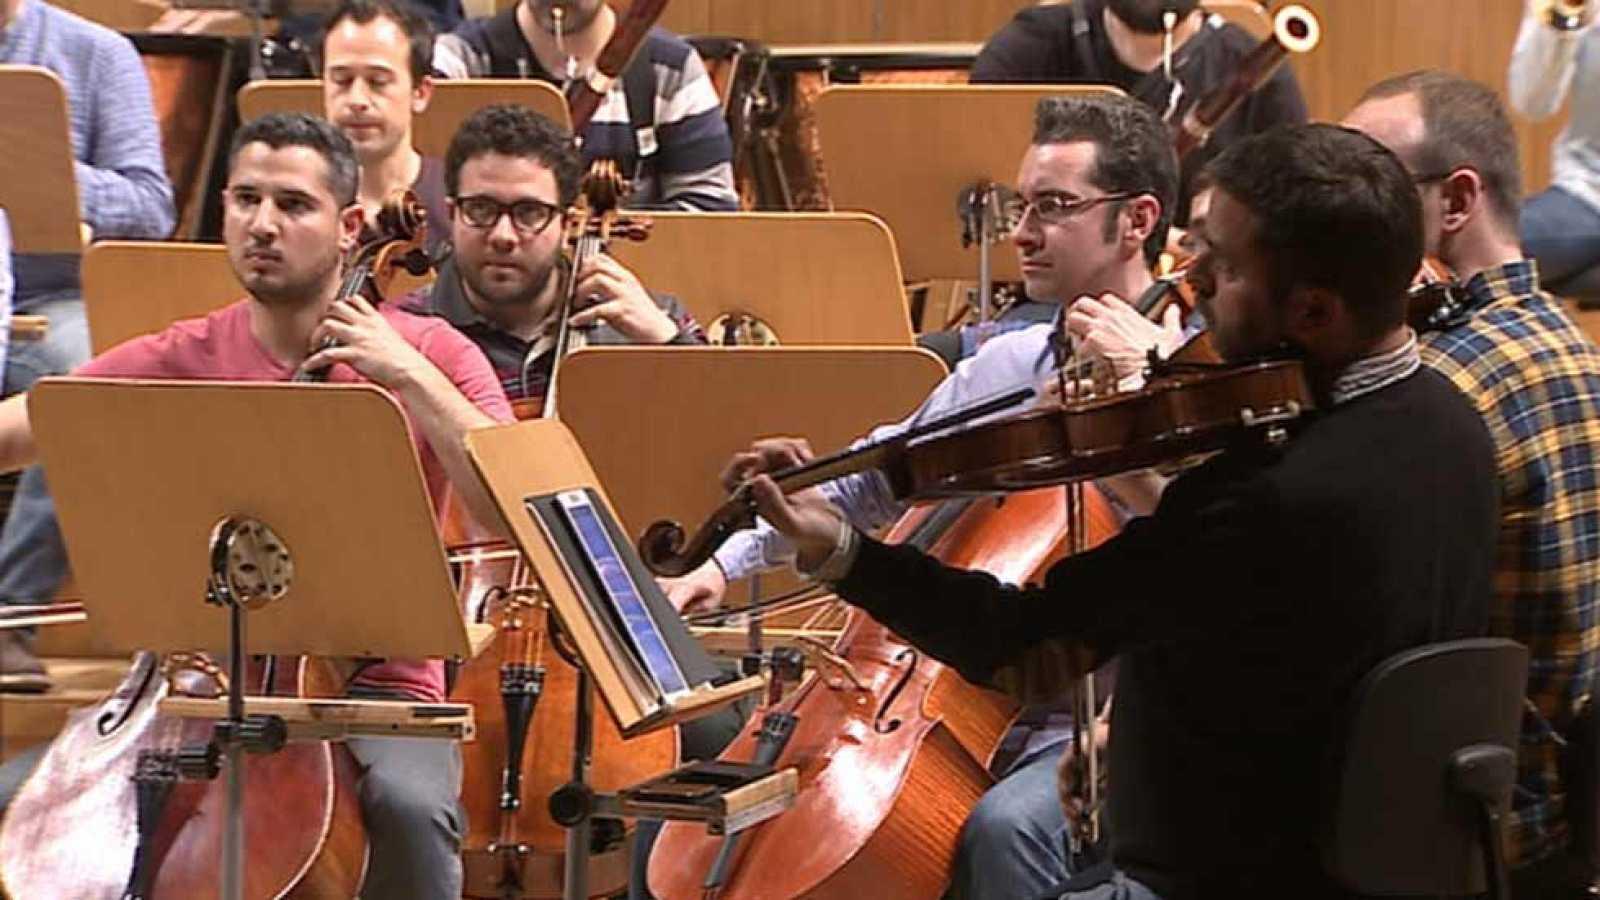 Punto de enlace - Los músicos en España reivindican su profesión - 14/11/19 - escuchar ahora